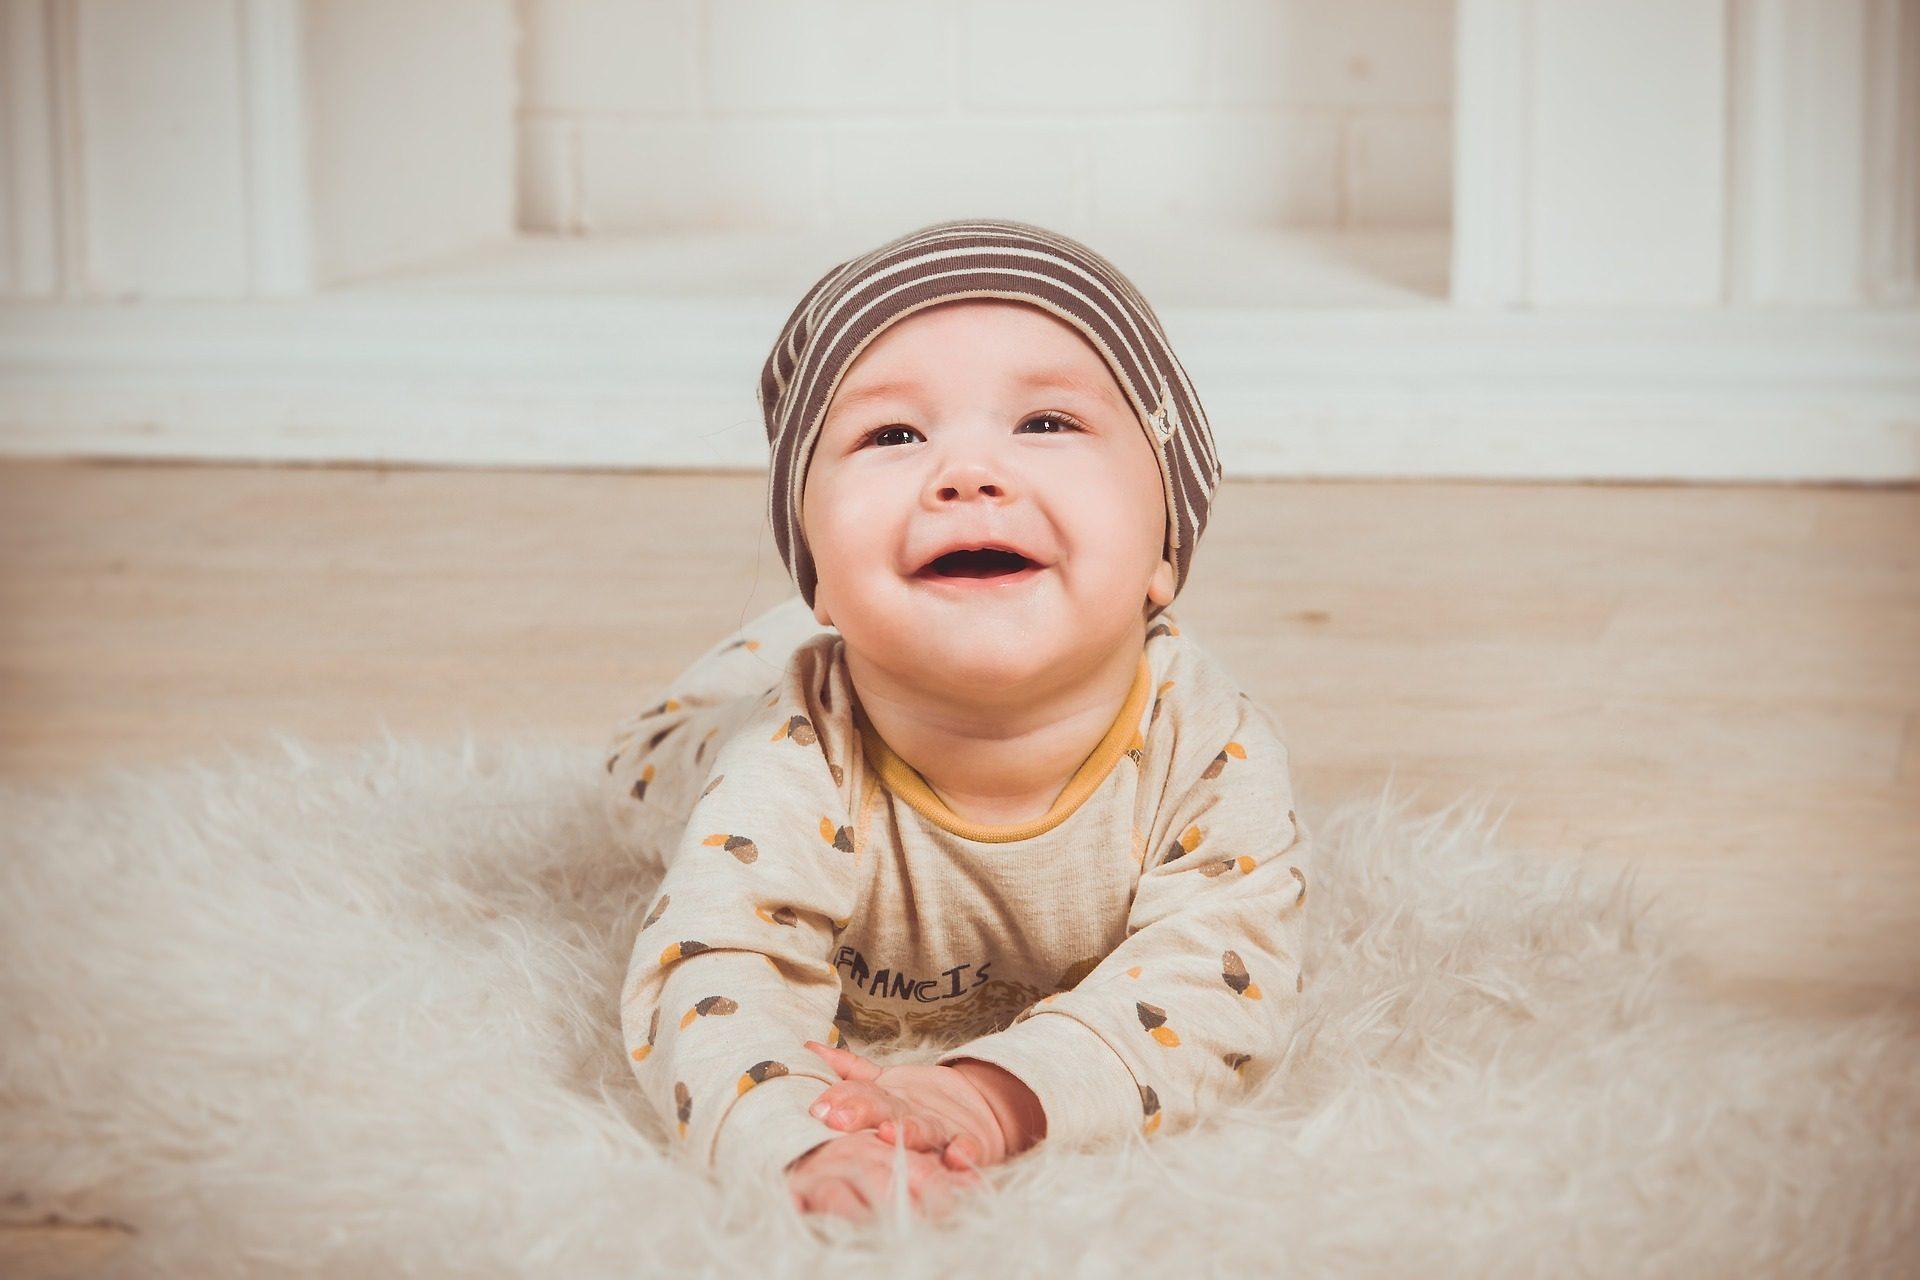 Idee Fotografiche Per Bambini : Regali per bambini di anni la top ten dei preferiti dai bambini